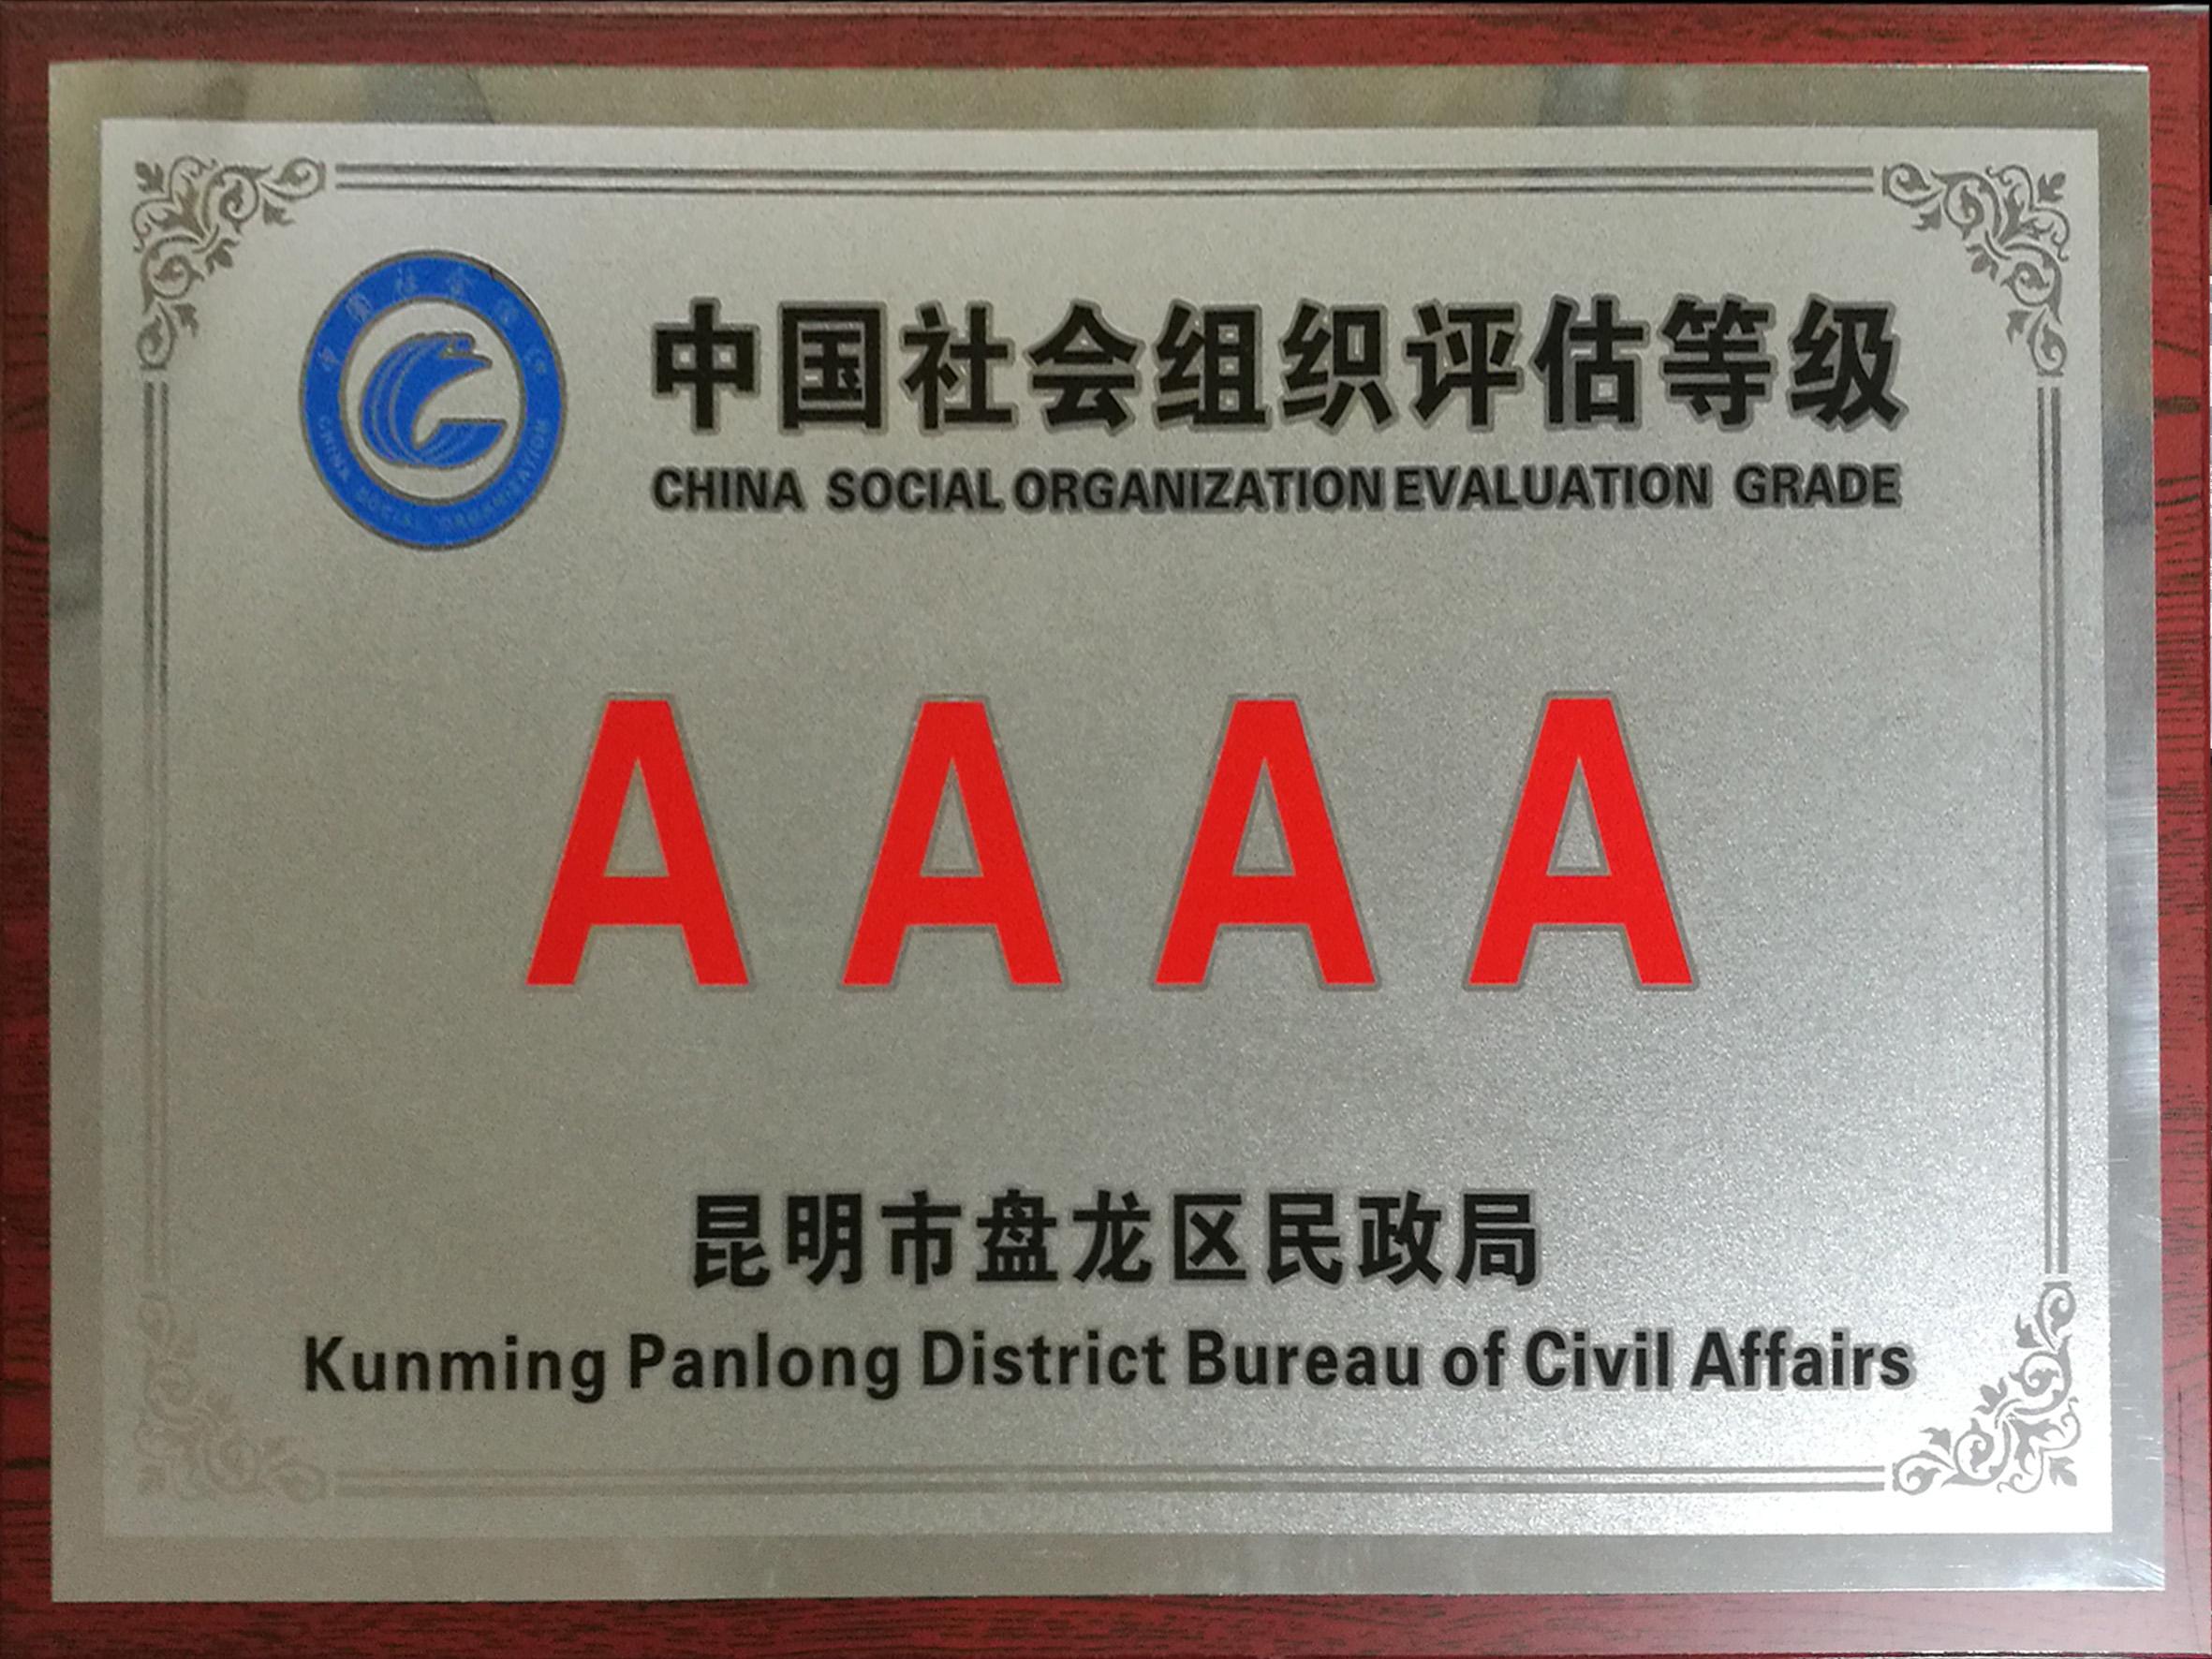 中国社会组织评估等级AAAA级